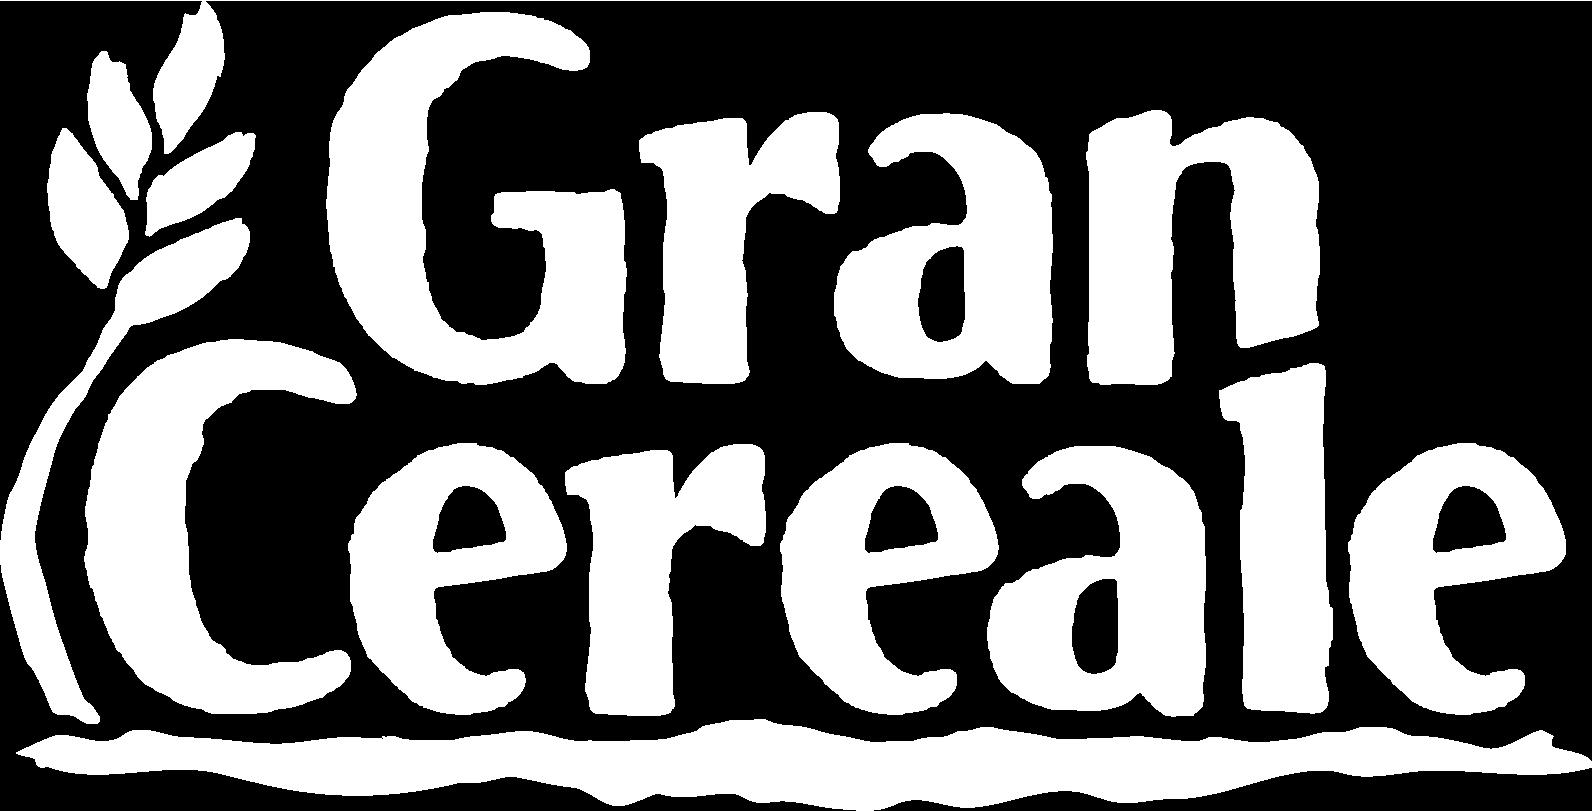 GranCereale - Ujemite moč narave